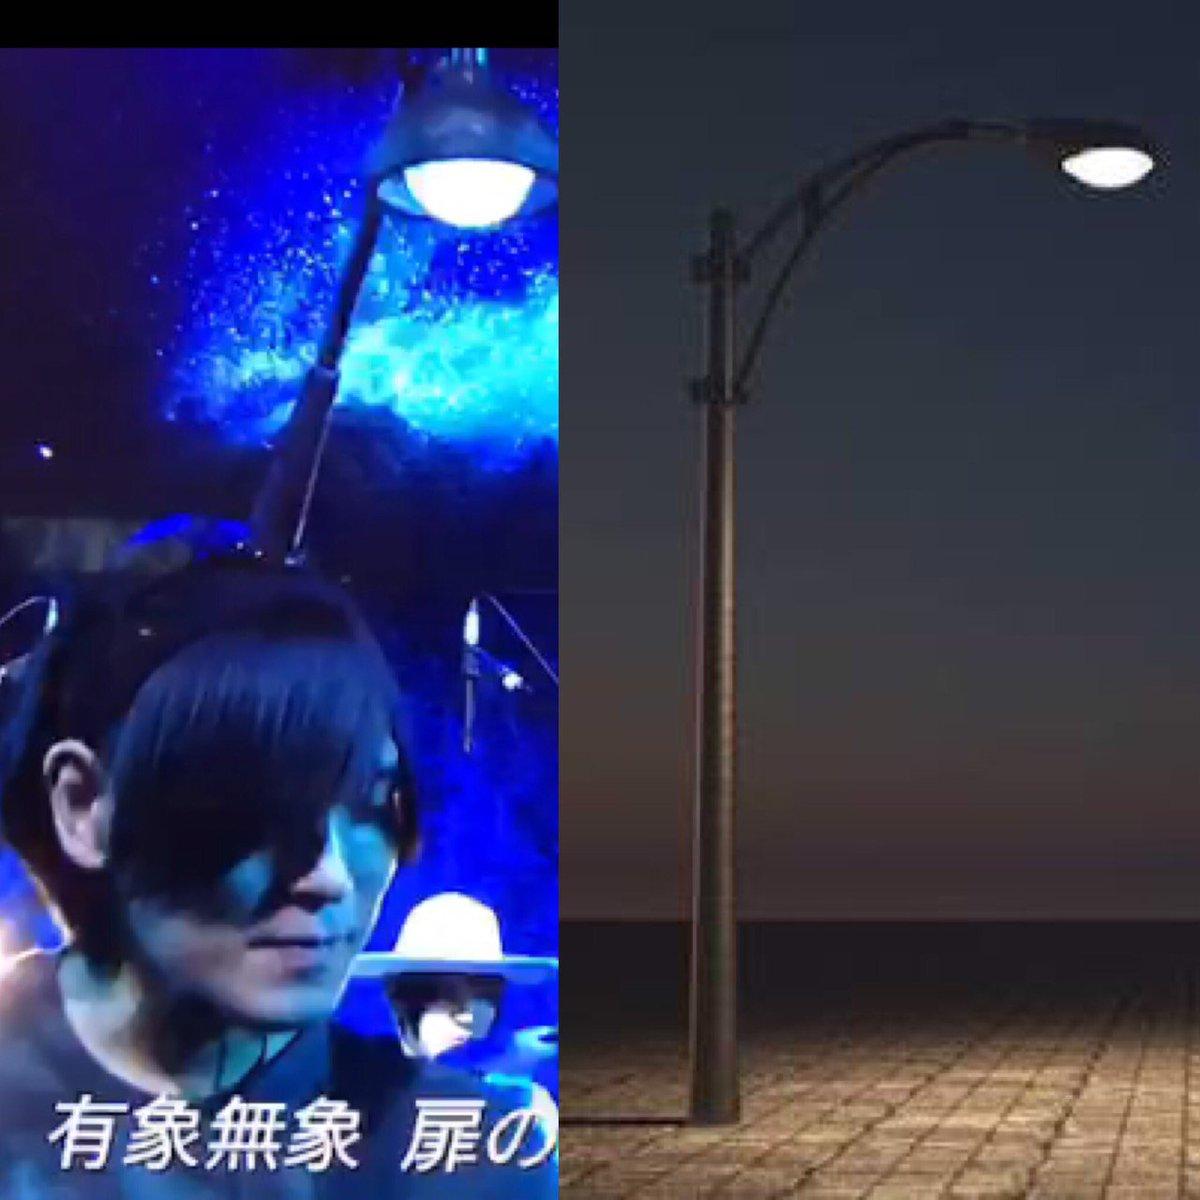 街灯でした。 #シブヤノオト https://t.co/m7fAD0qzJL